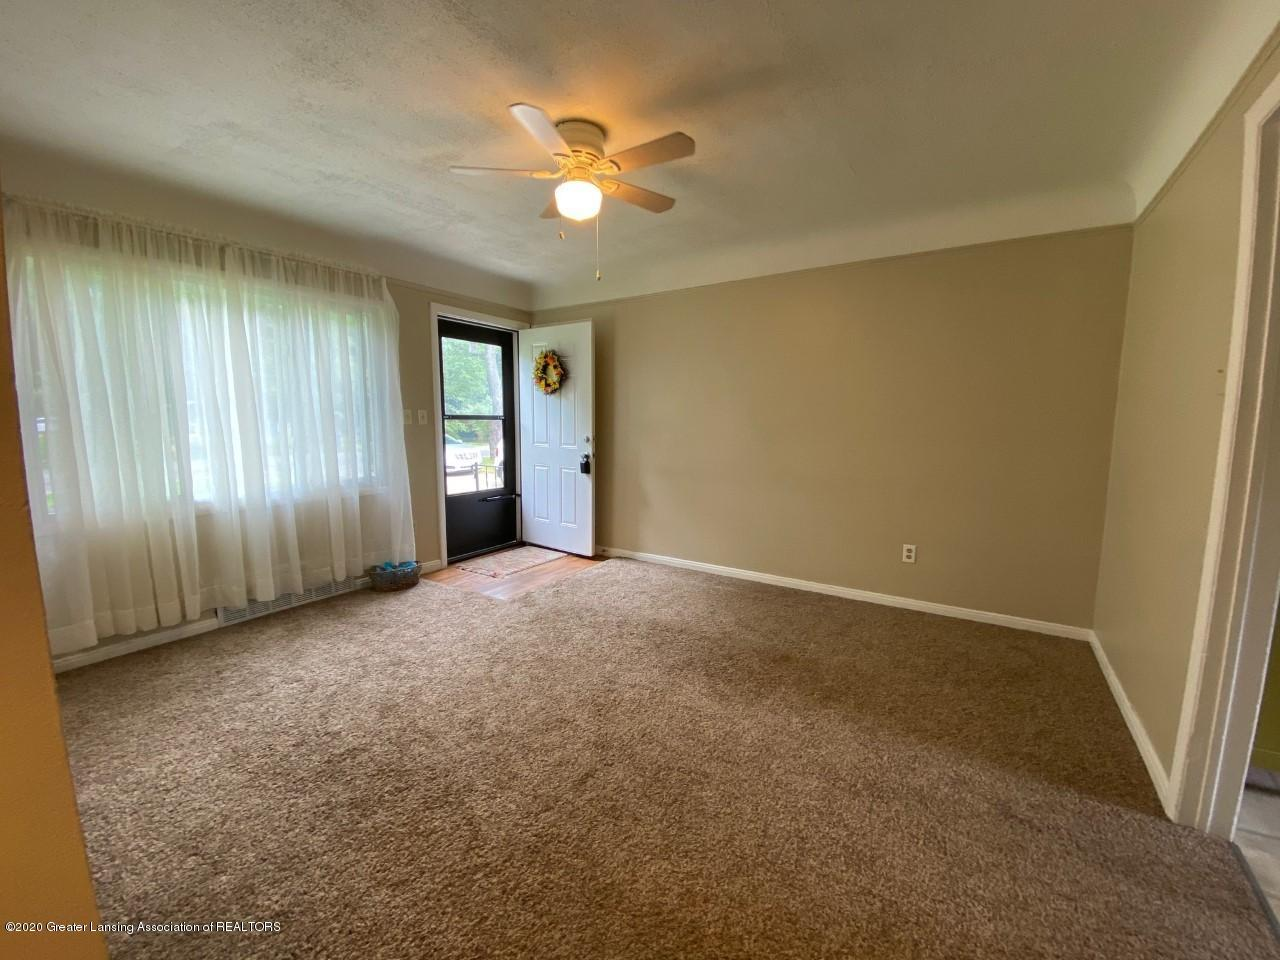 2847 Gramer Rd - Living Room - 8